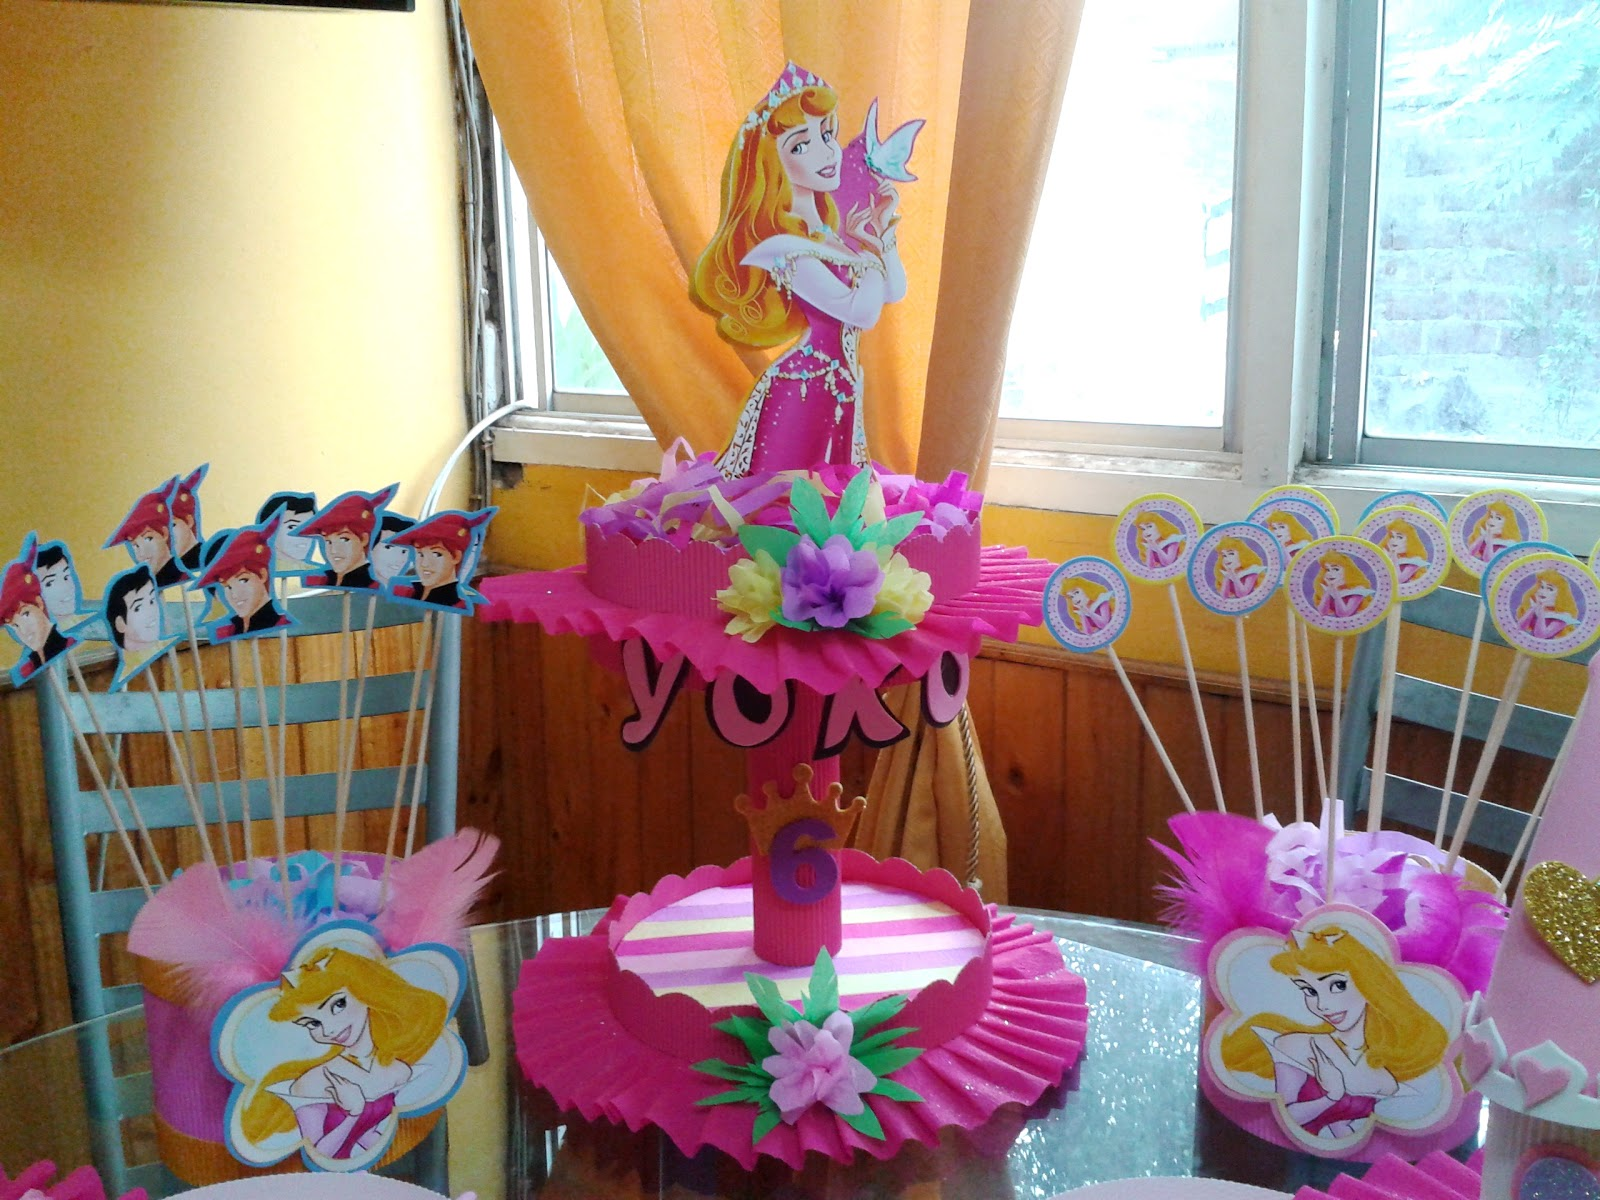 Decoraci n de fiestas infantiles princesas aurora imagui for Decoracion cumpleanos princesas